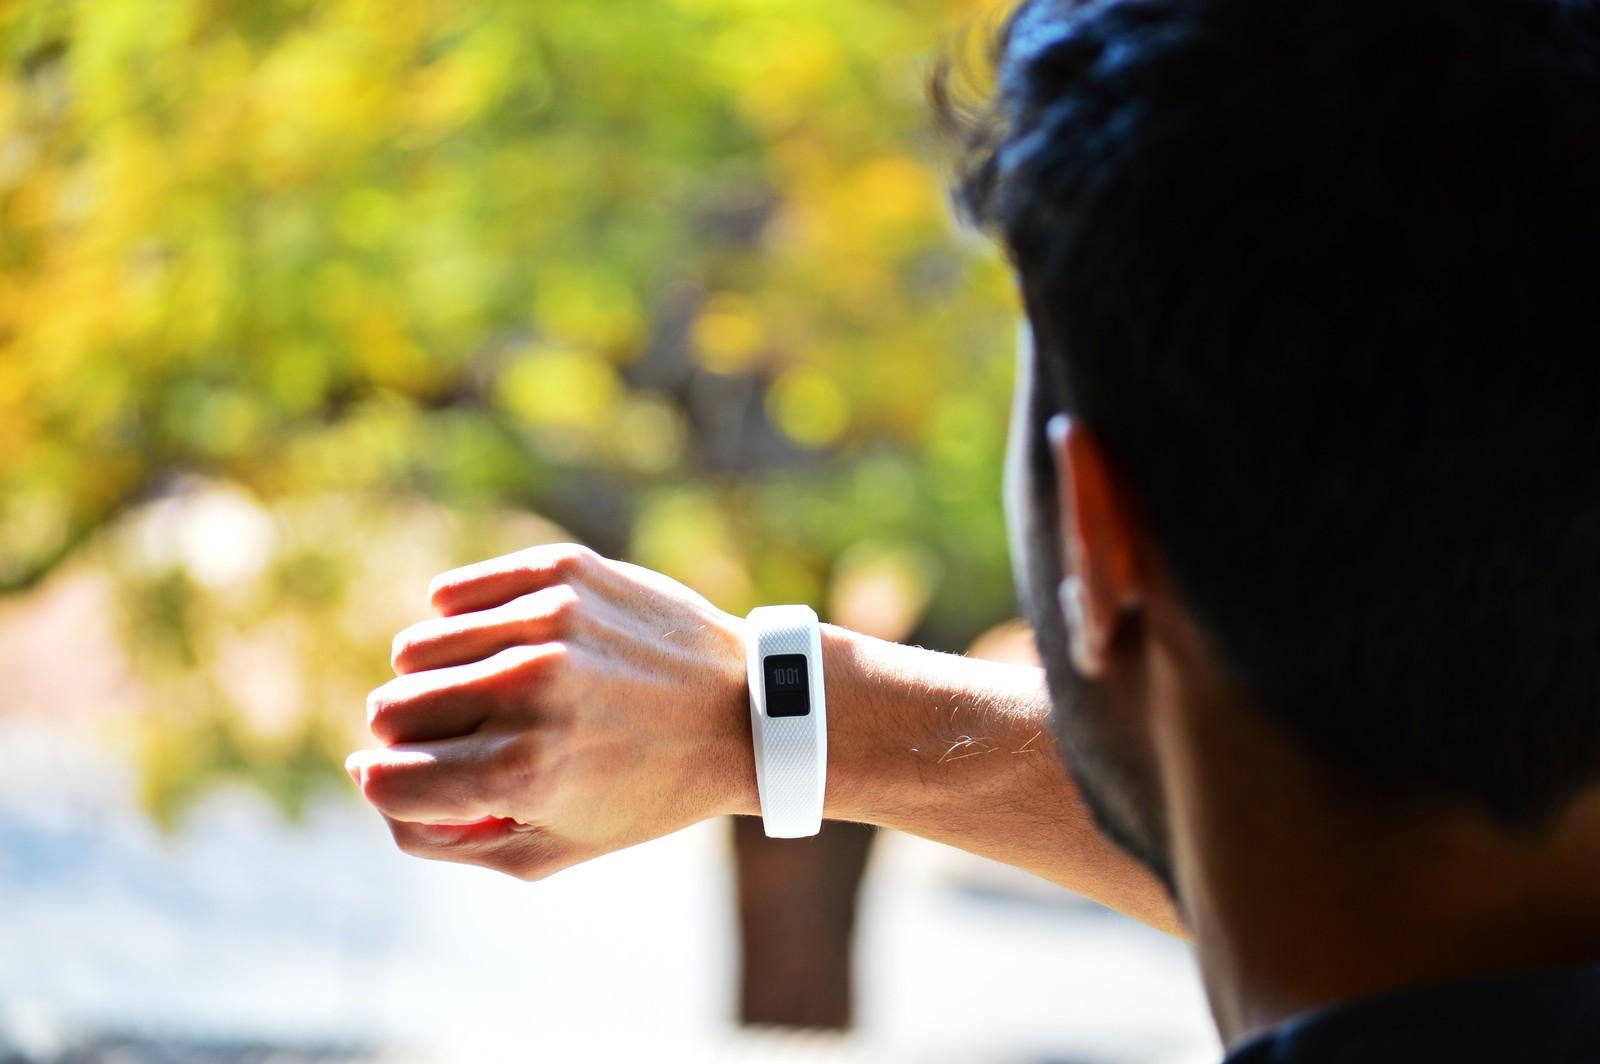 montre connectée portée poignet homme